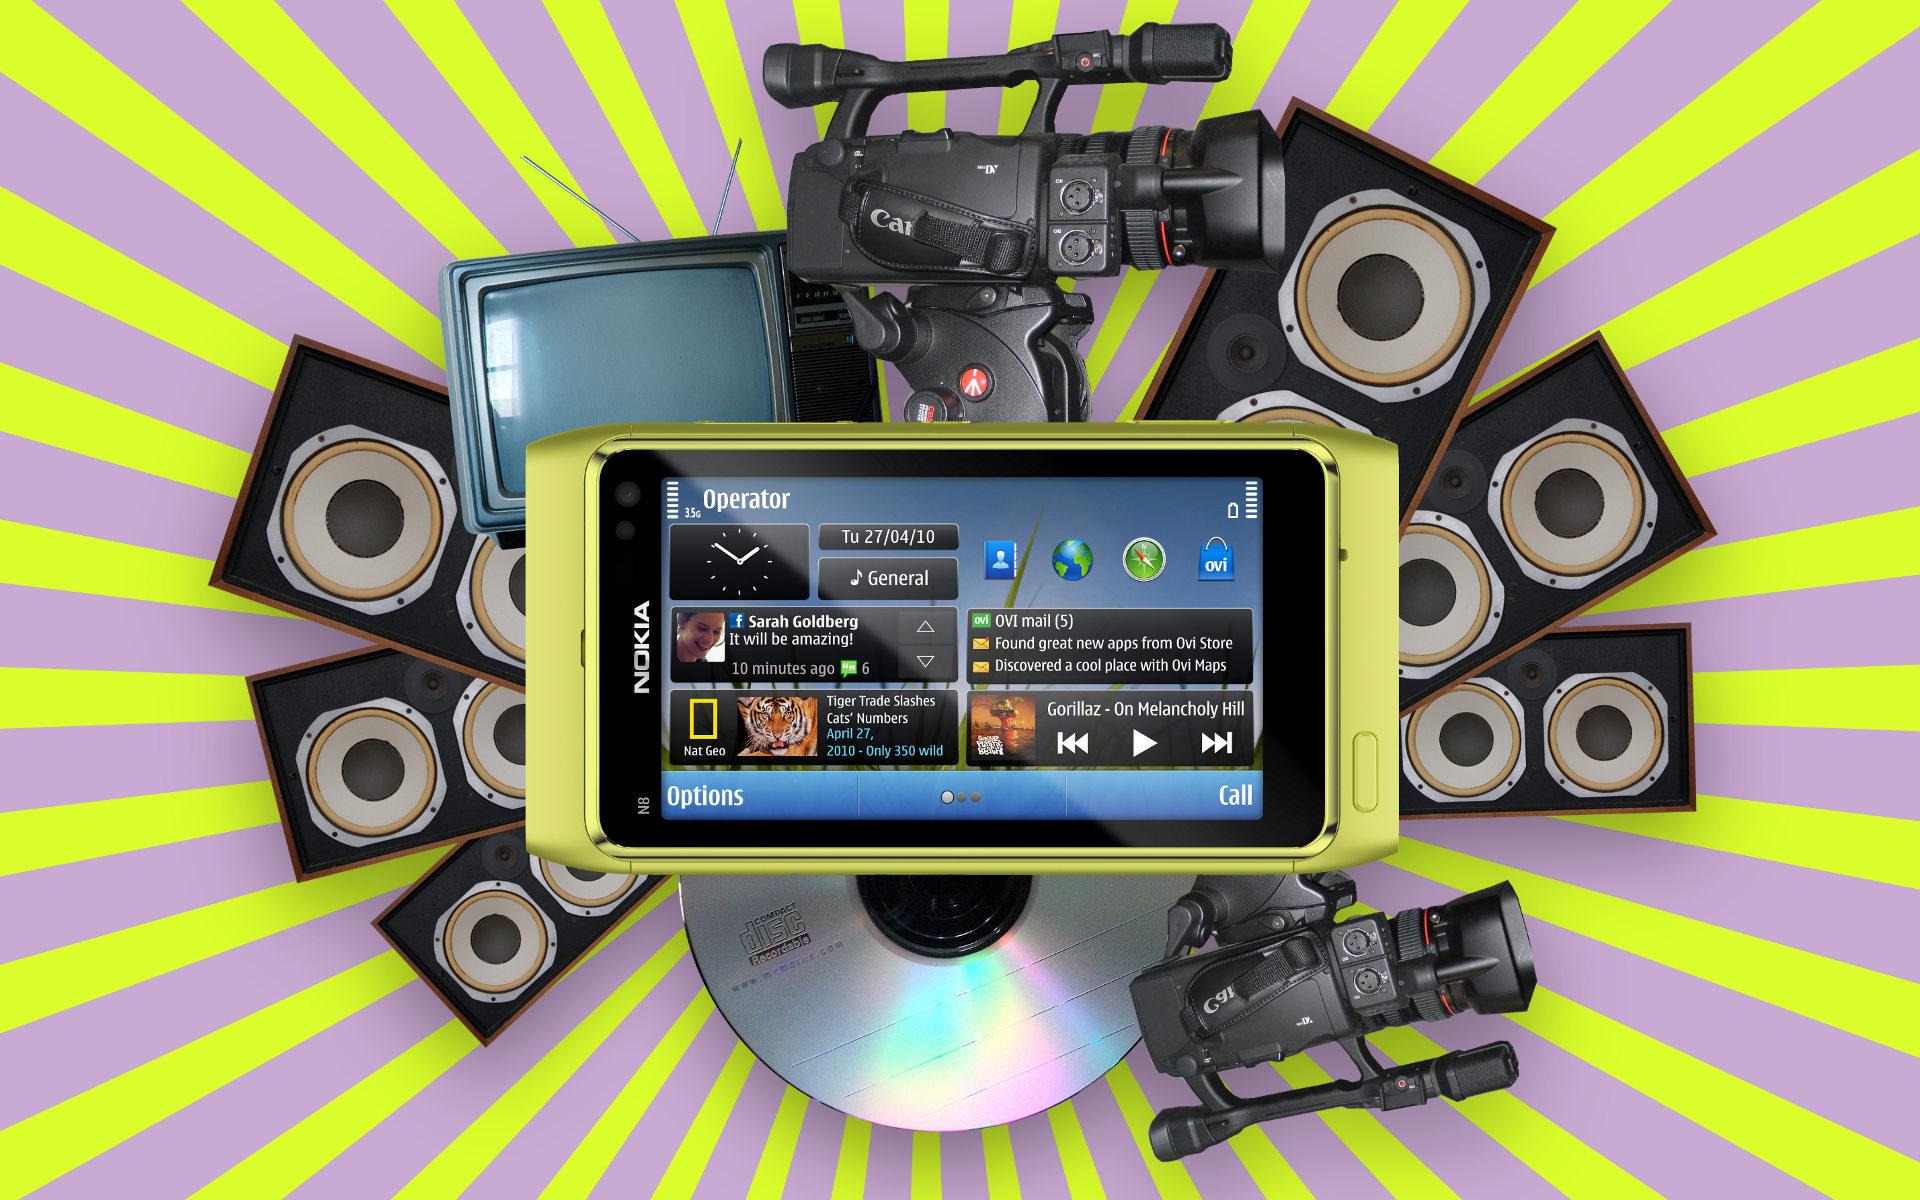 Dispositivos móviles con capacidades multimedia para buen UX